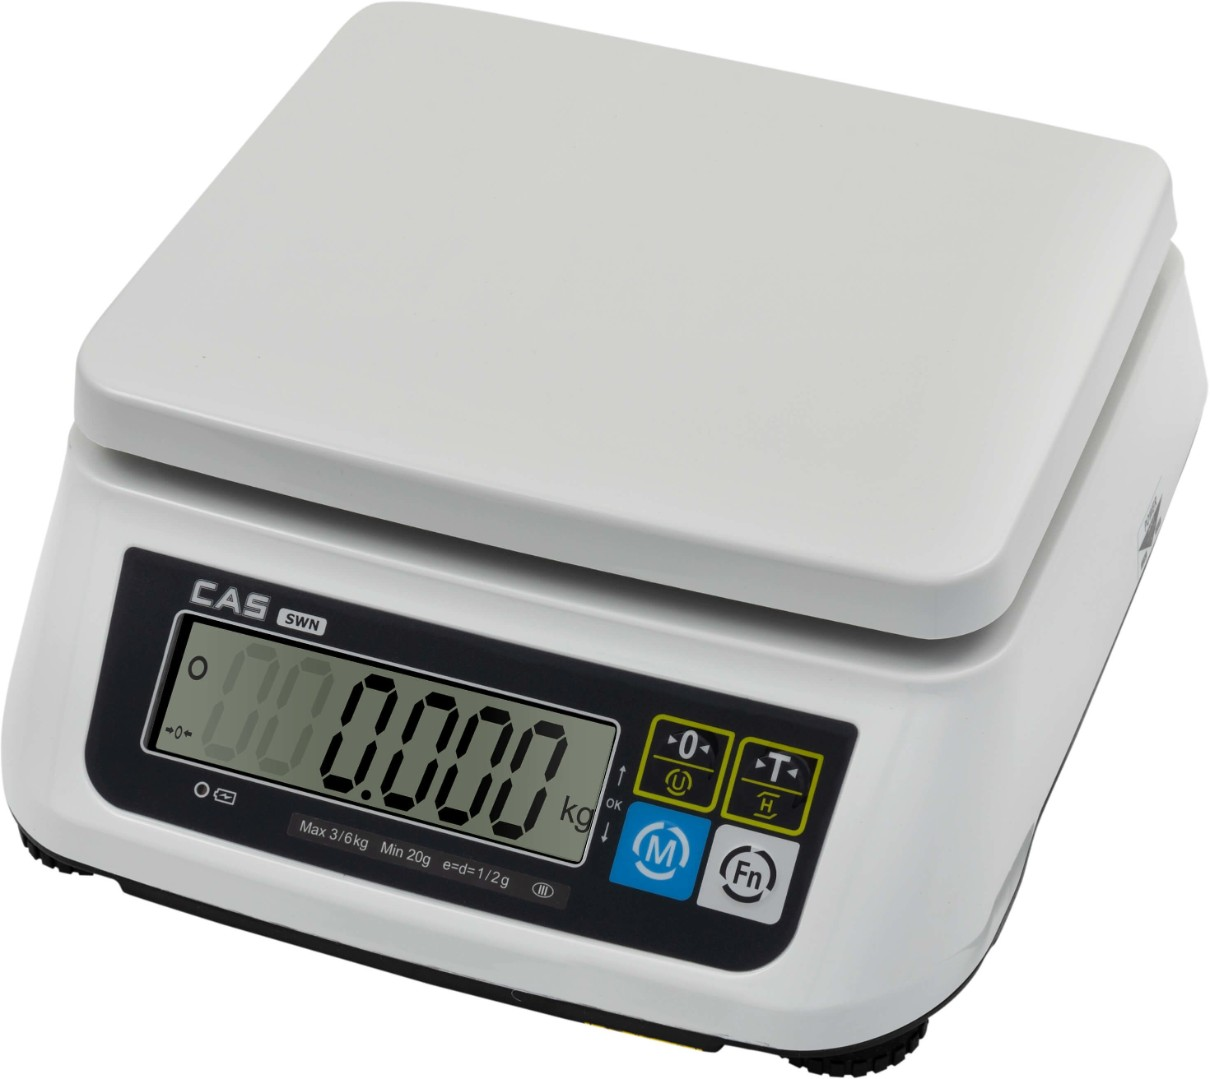 Весы порционные cas